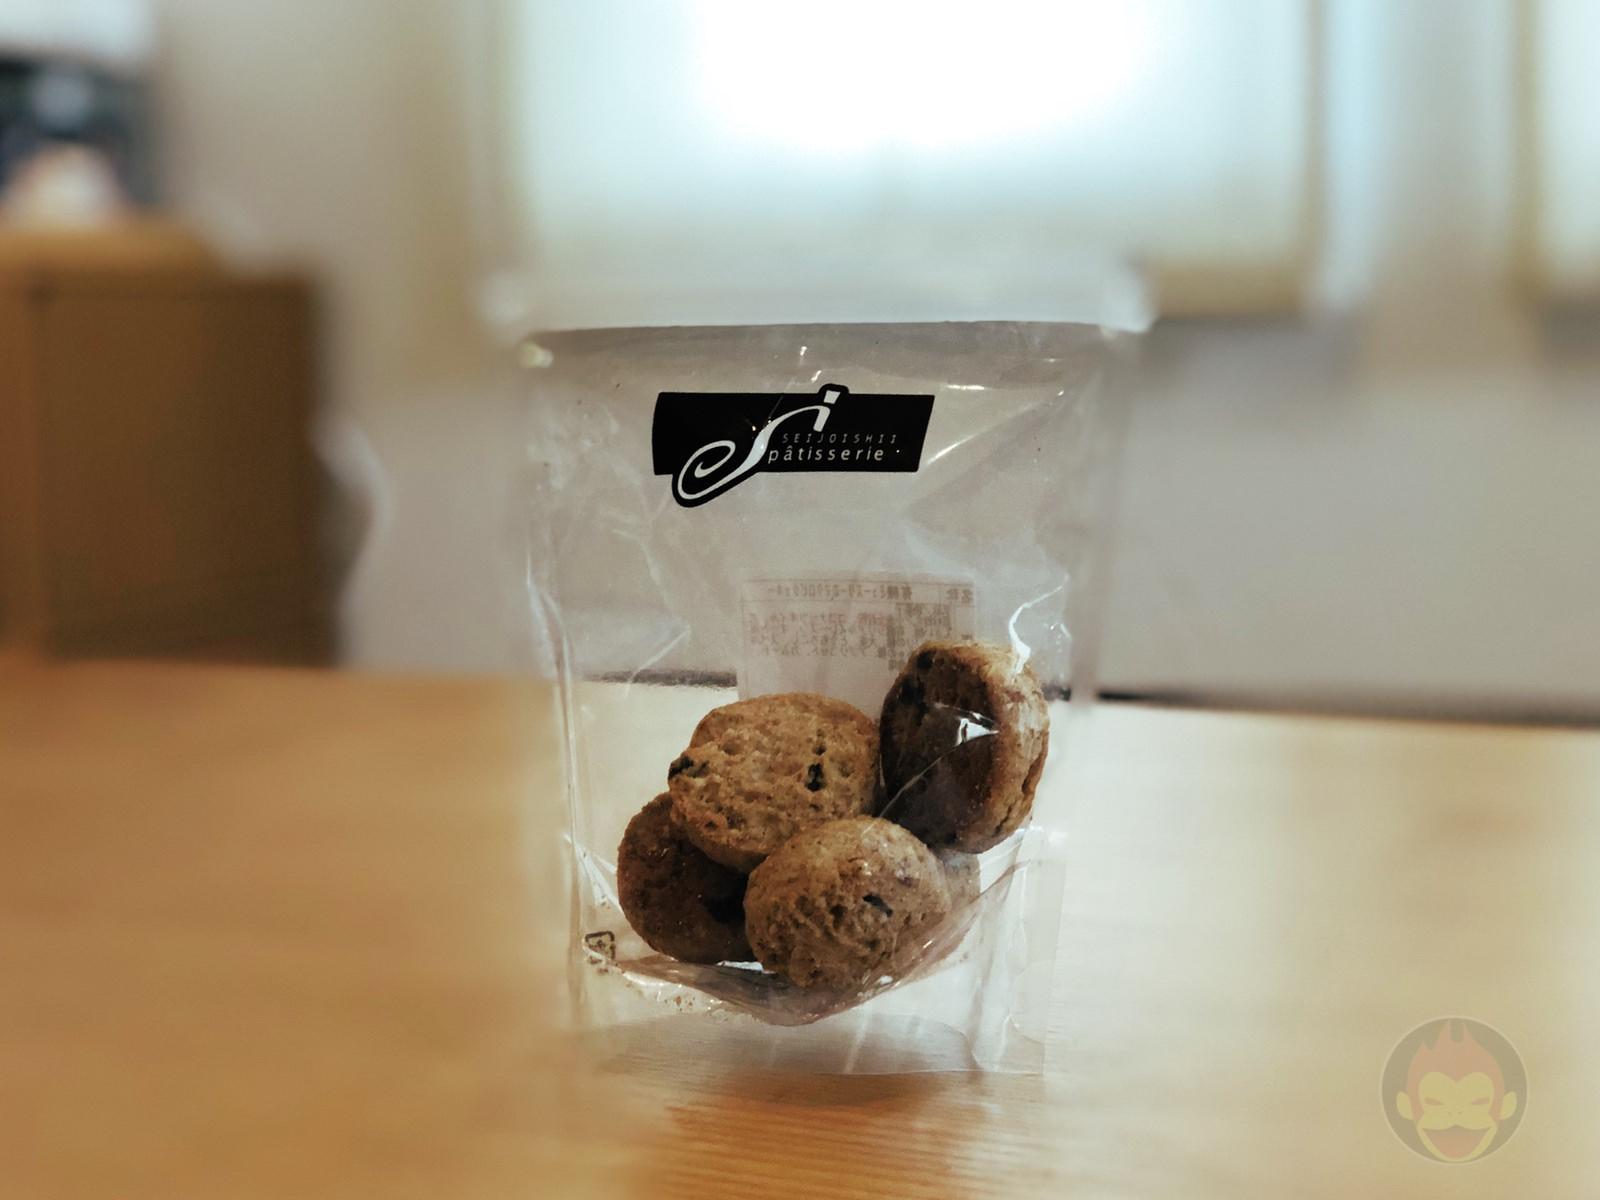 Seijo-ishii-Muesli-Cookies-05.jpg